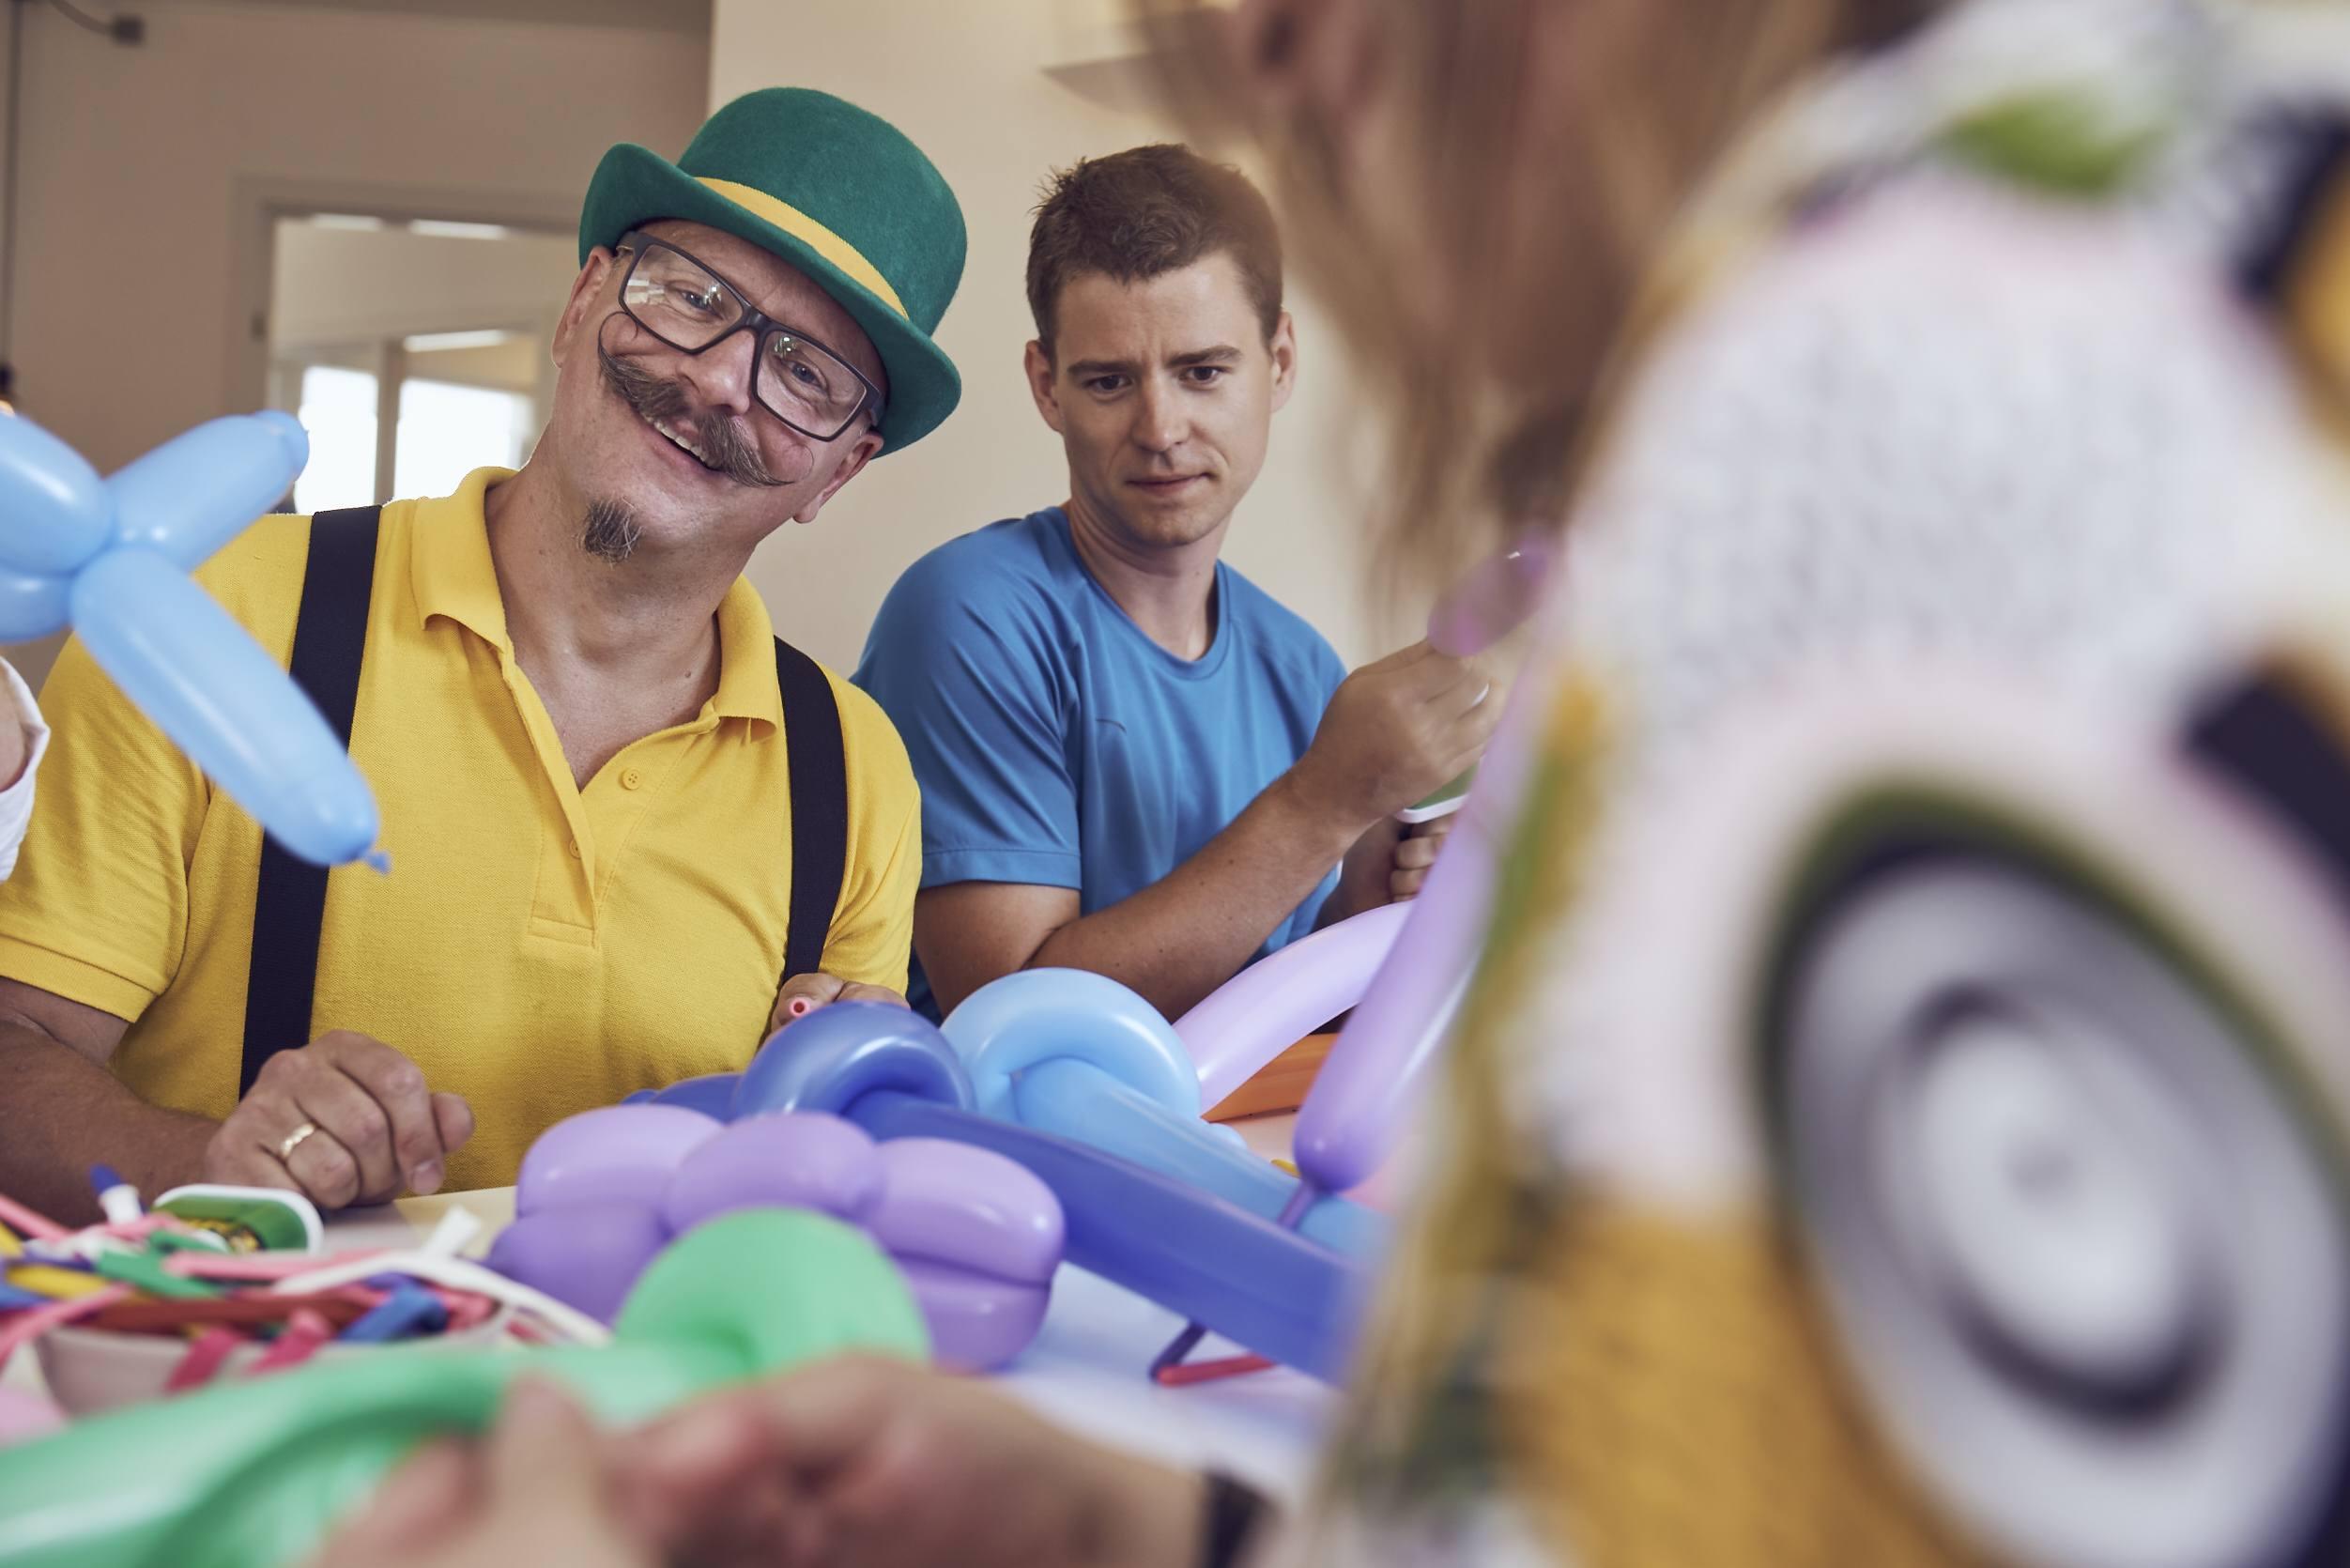 firma event med balloner